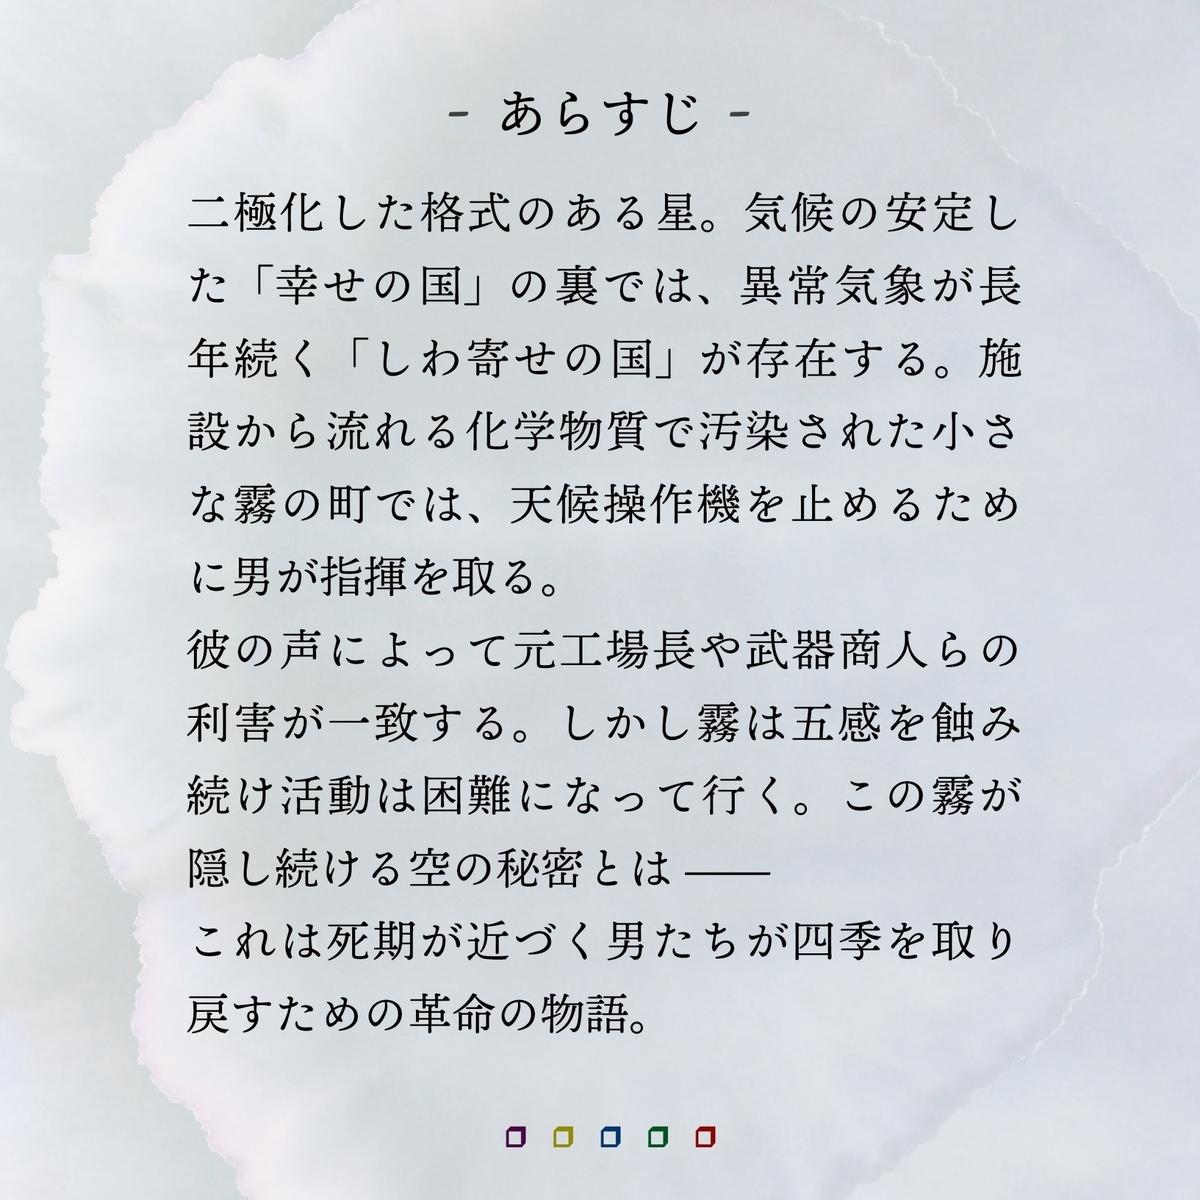 f:id:ryum4821:20191001185111j:plain